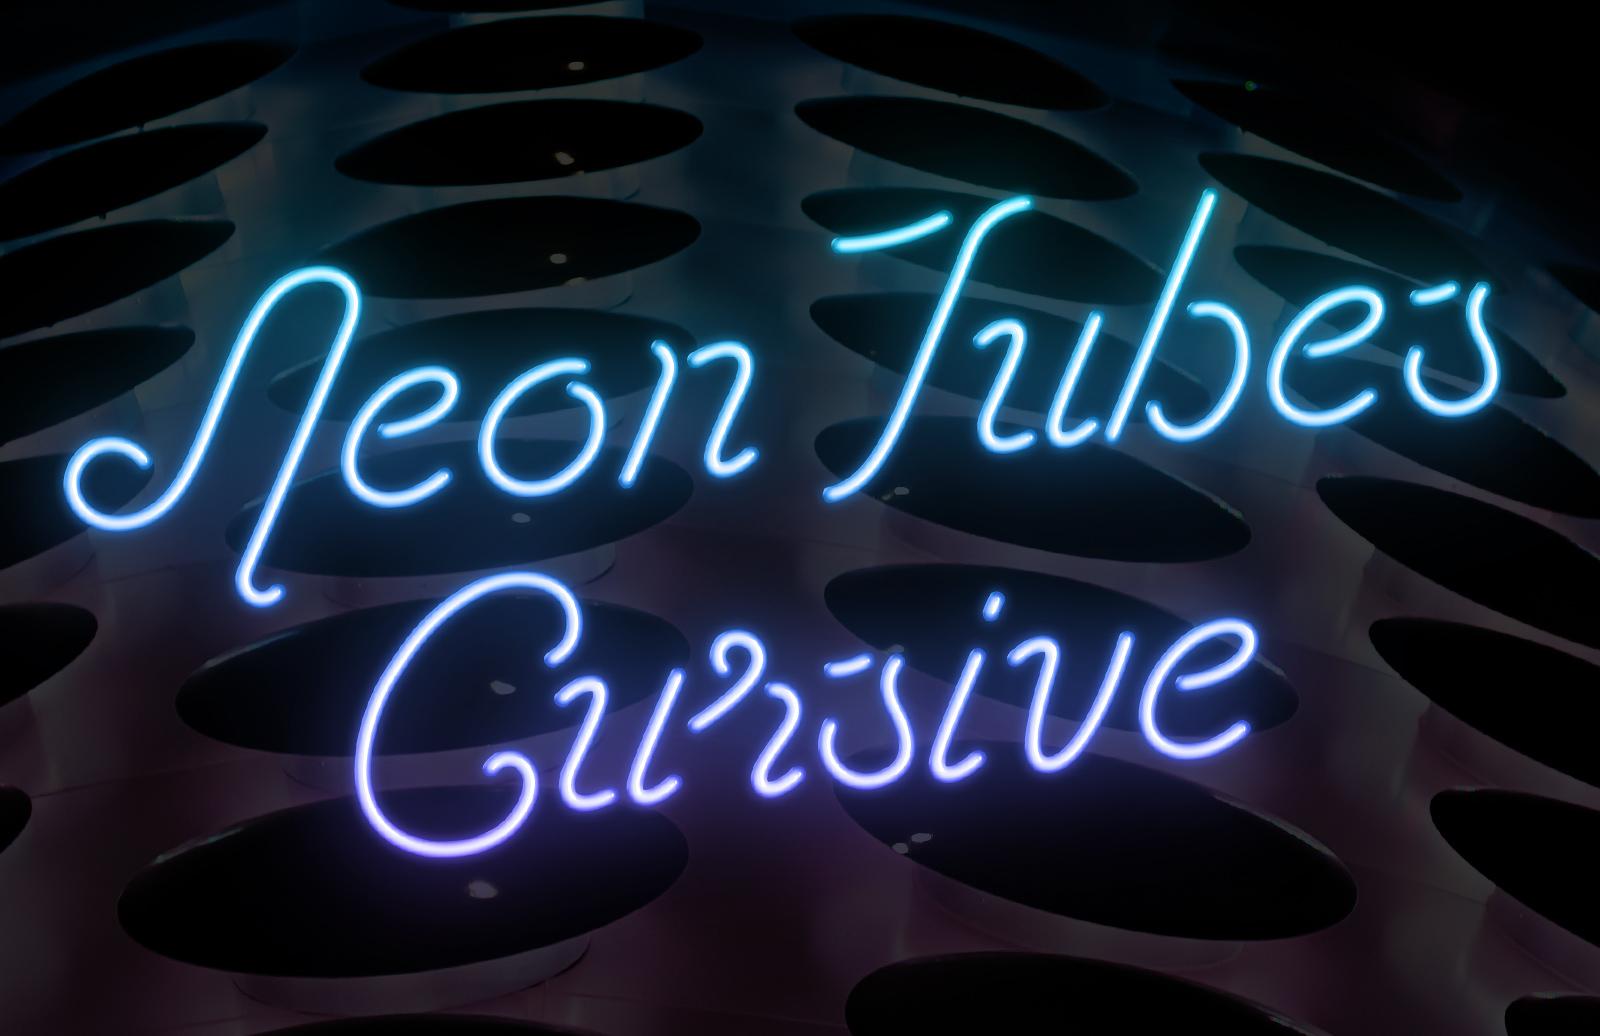 Cursive Neon Tubes Font